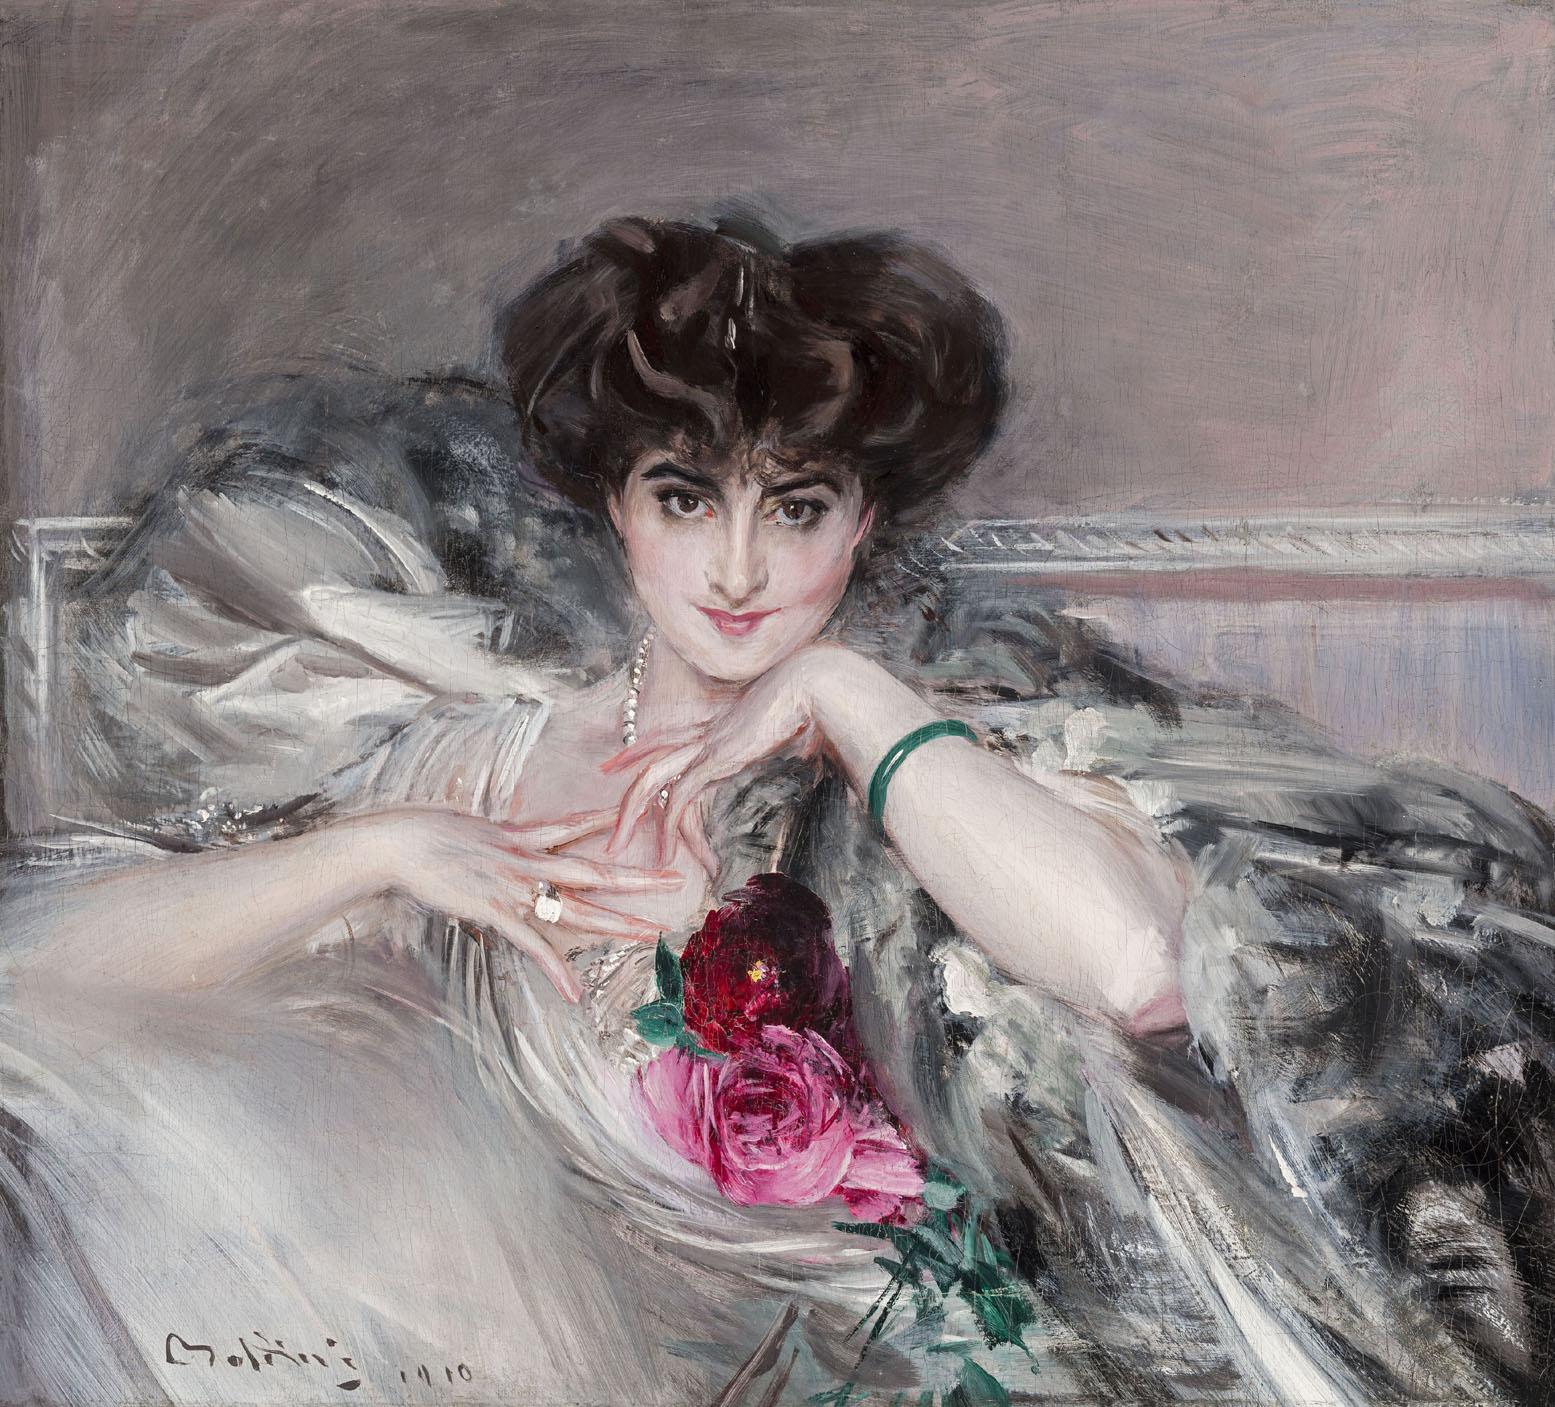 Giovanni Boldini, Ritratto della principessa Radzwill, olio su tela, 82x91 cm, Collezione privata